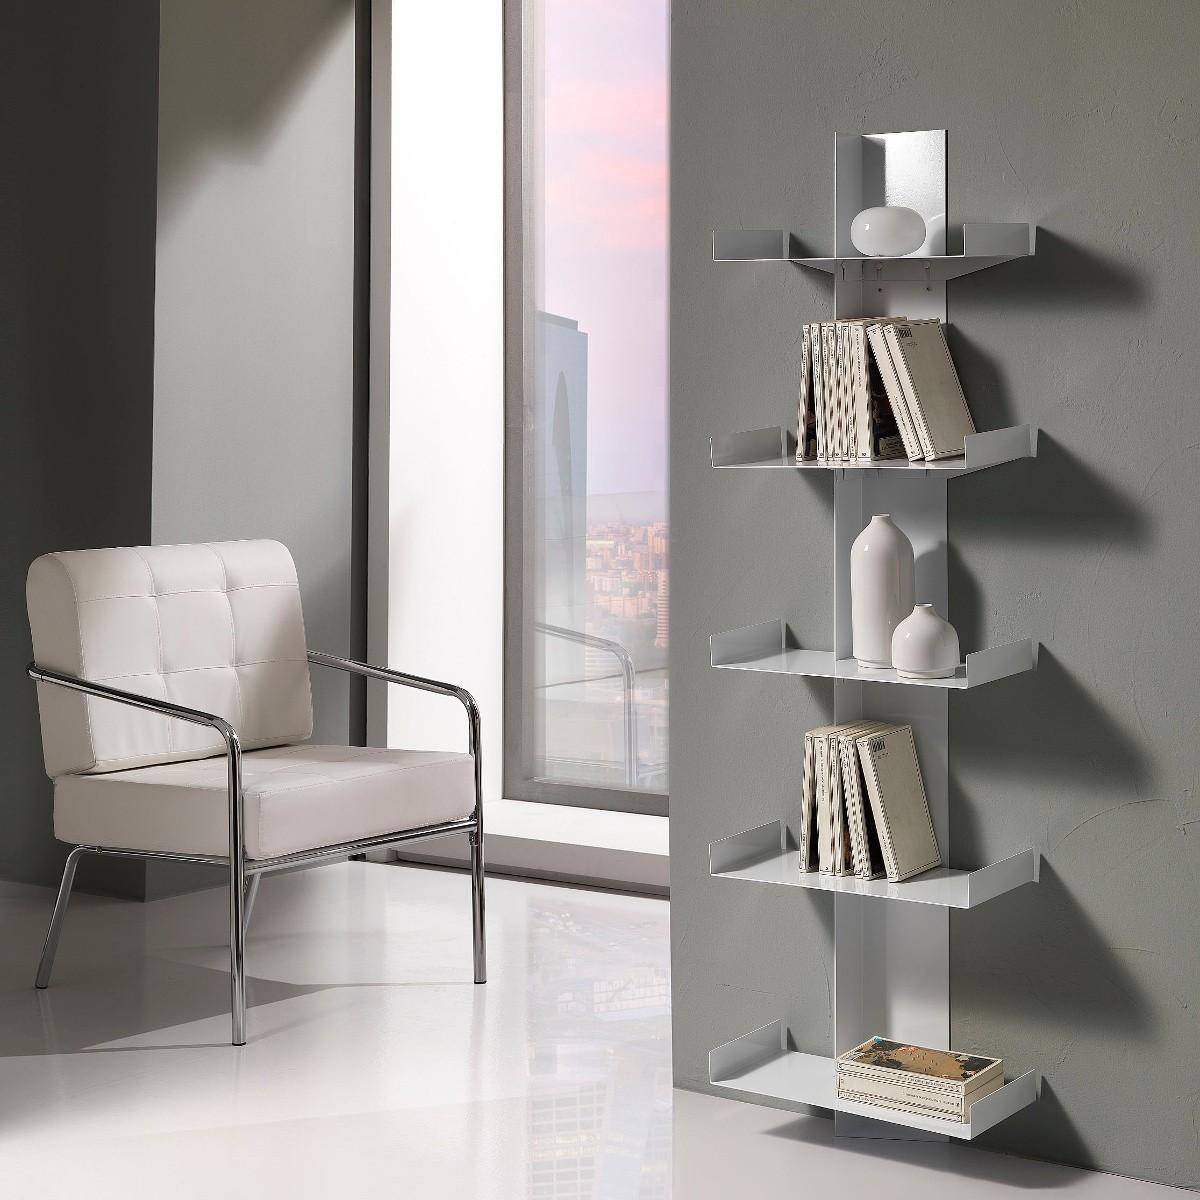 Libreria da parete karyn a colonna in metallo 45 x 160 cm - Libreria a parete ...